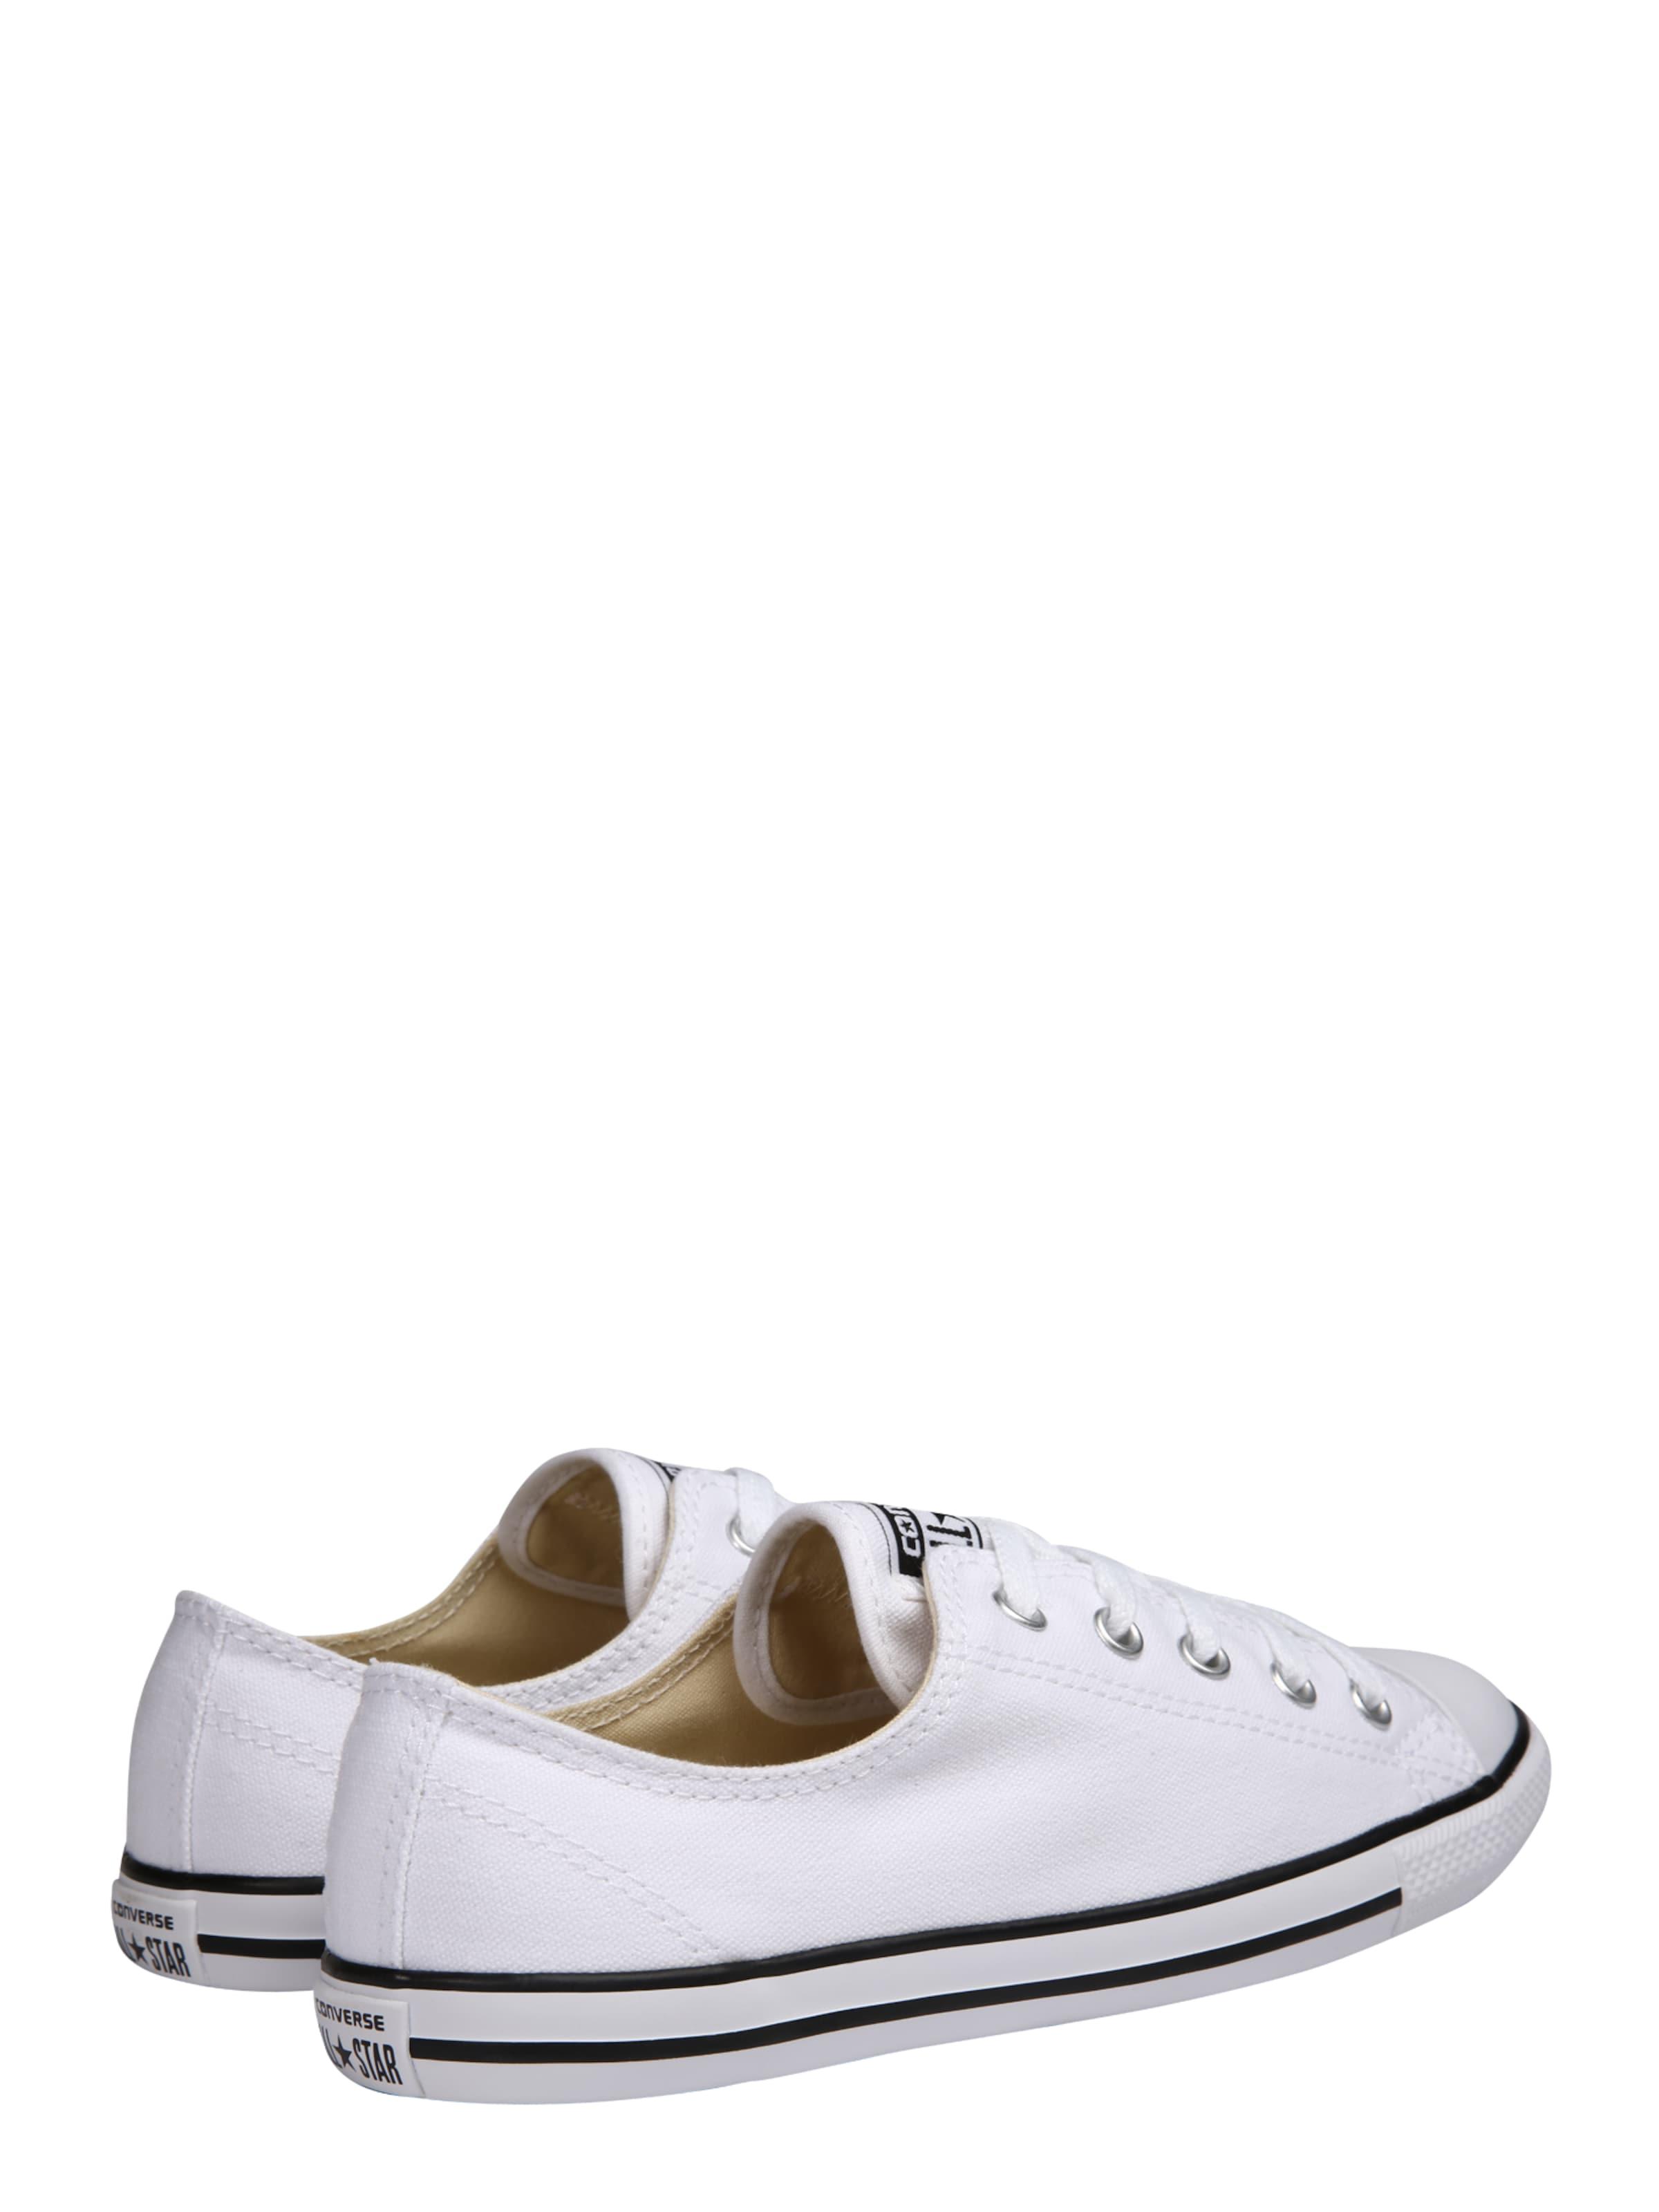 Sneaker In Converse All Dainty Taylor Ox' 'chuck Star SchwarzWeiß If7bgYv6ym